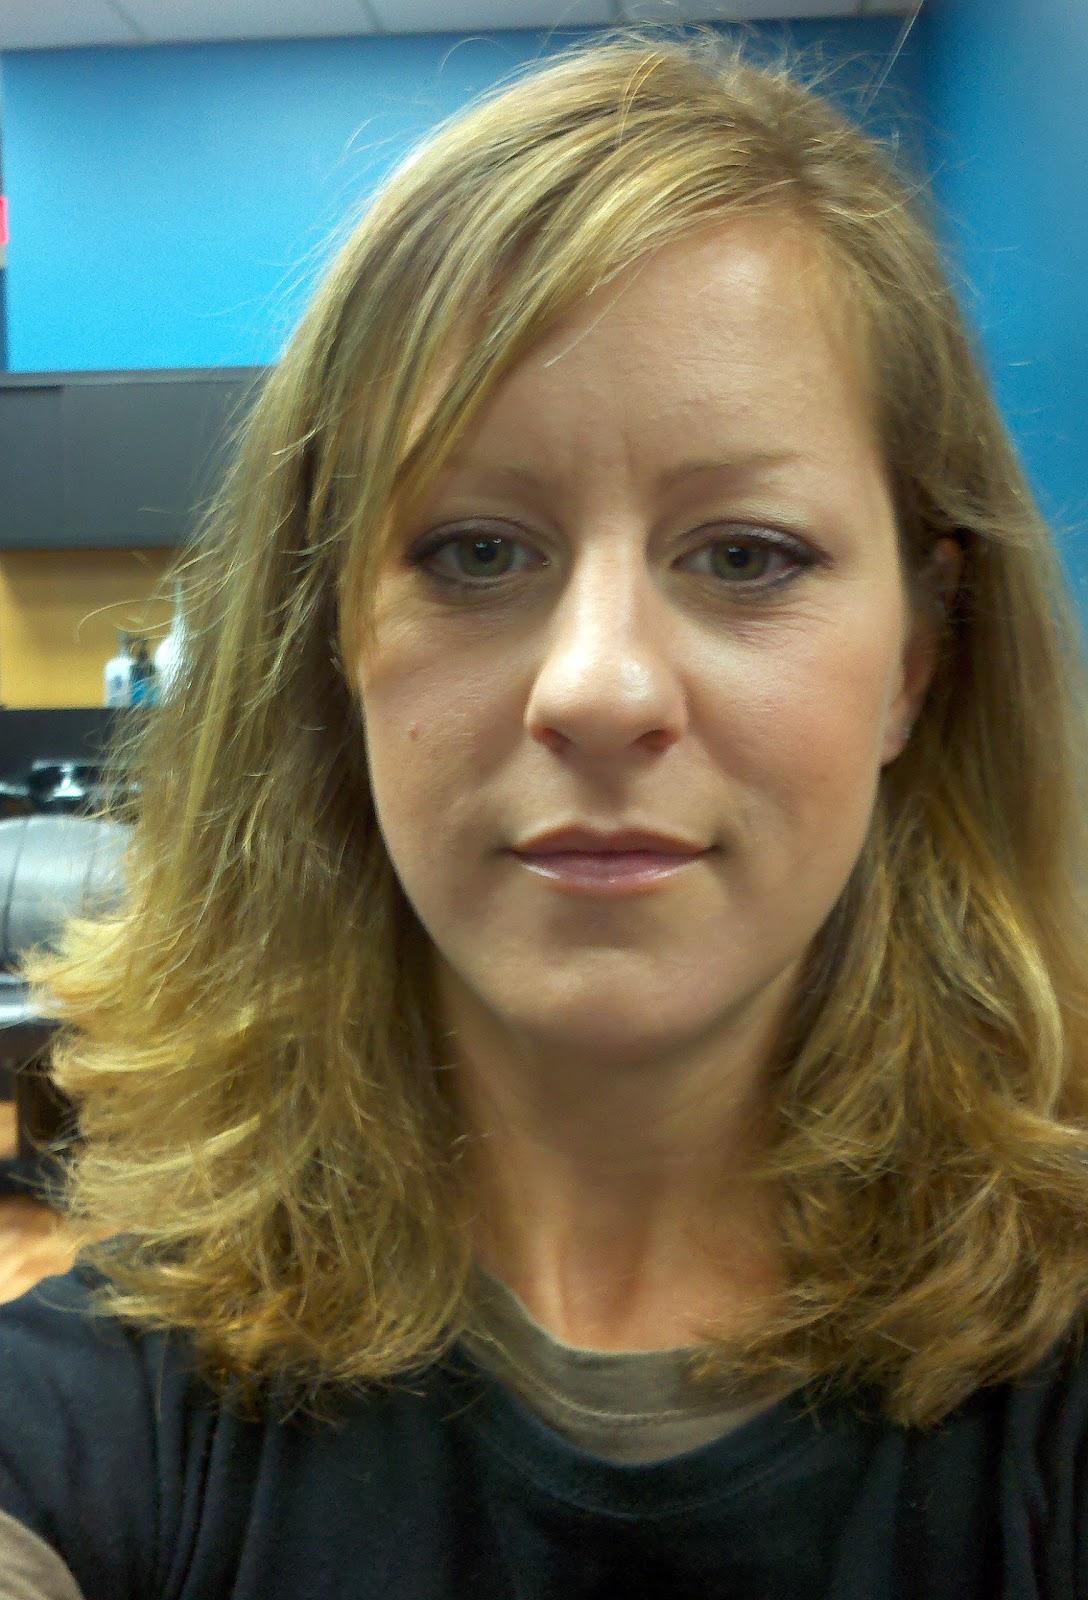 http://2.bp.blogspot.com/_f0EakWF5ICw/TMwTMuSiZ-I/AAAAAAAAC6Q/YUmntndOIMY/s1600/hair+before+i.jpg